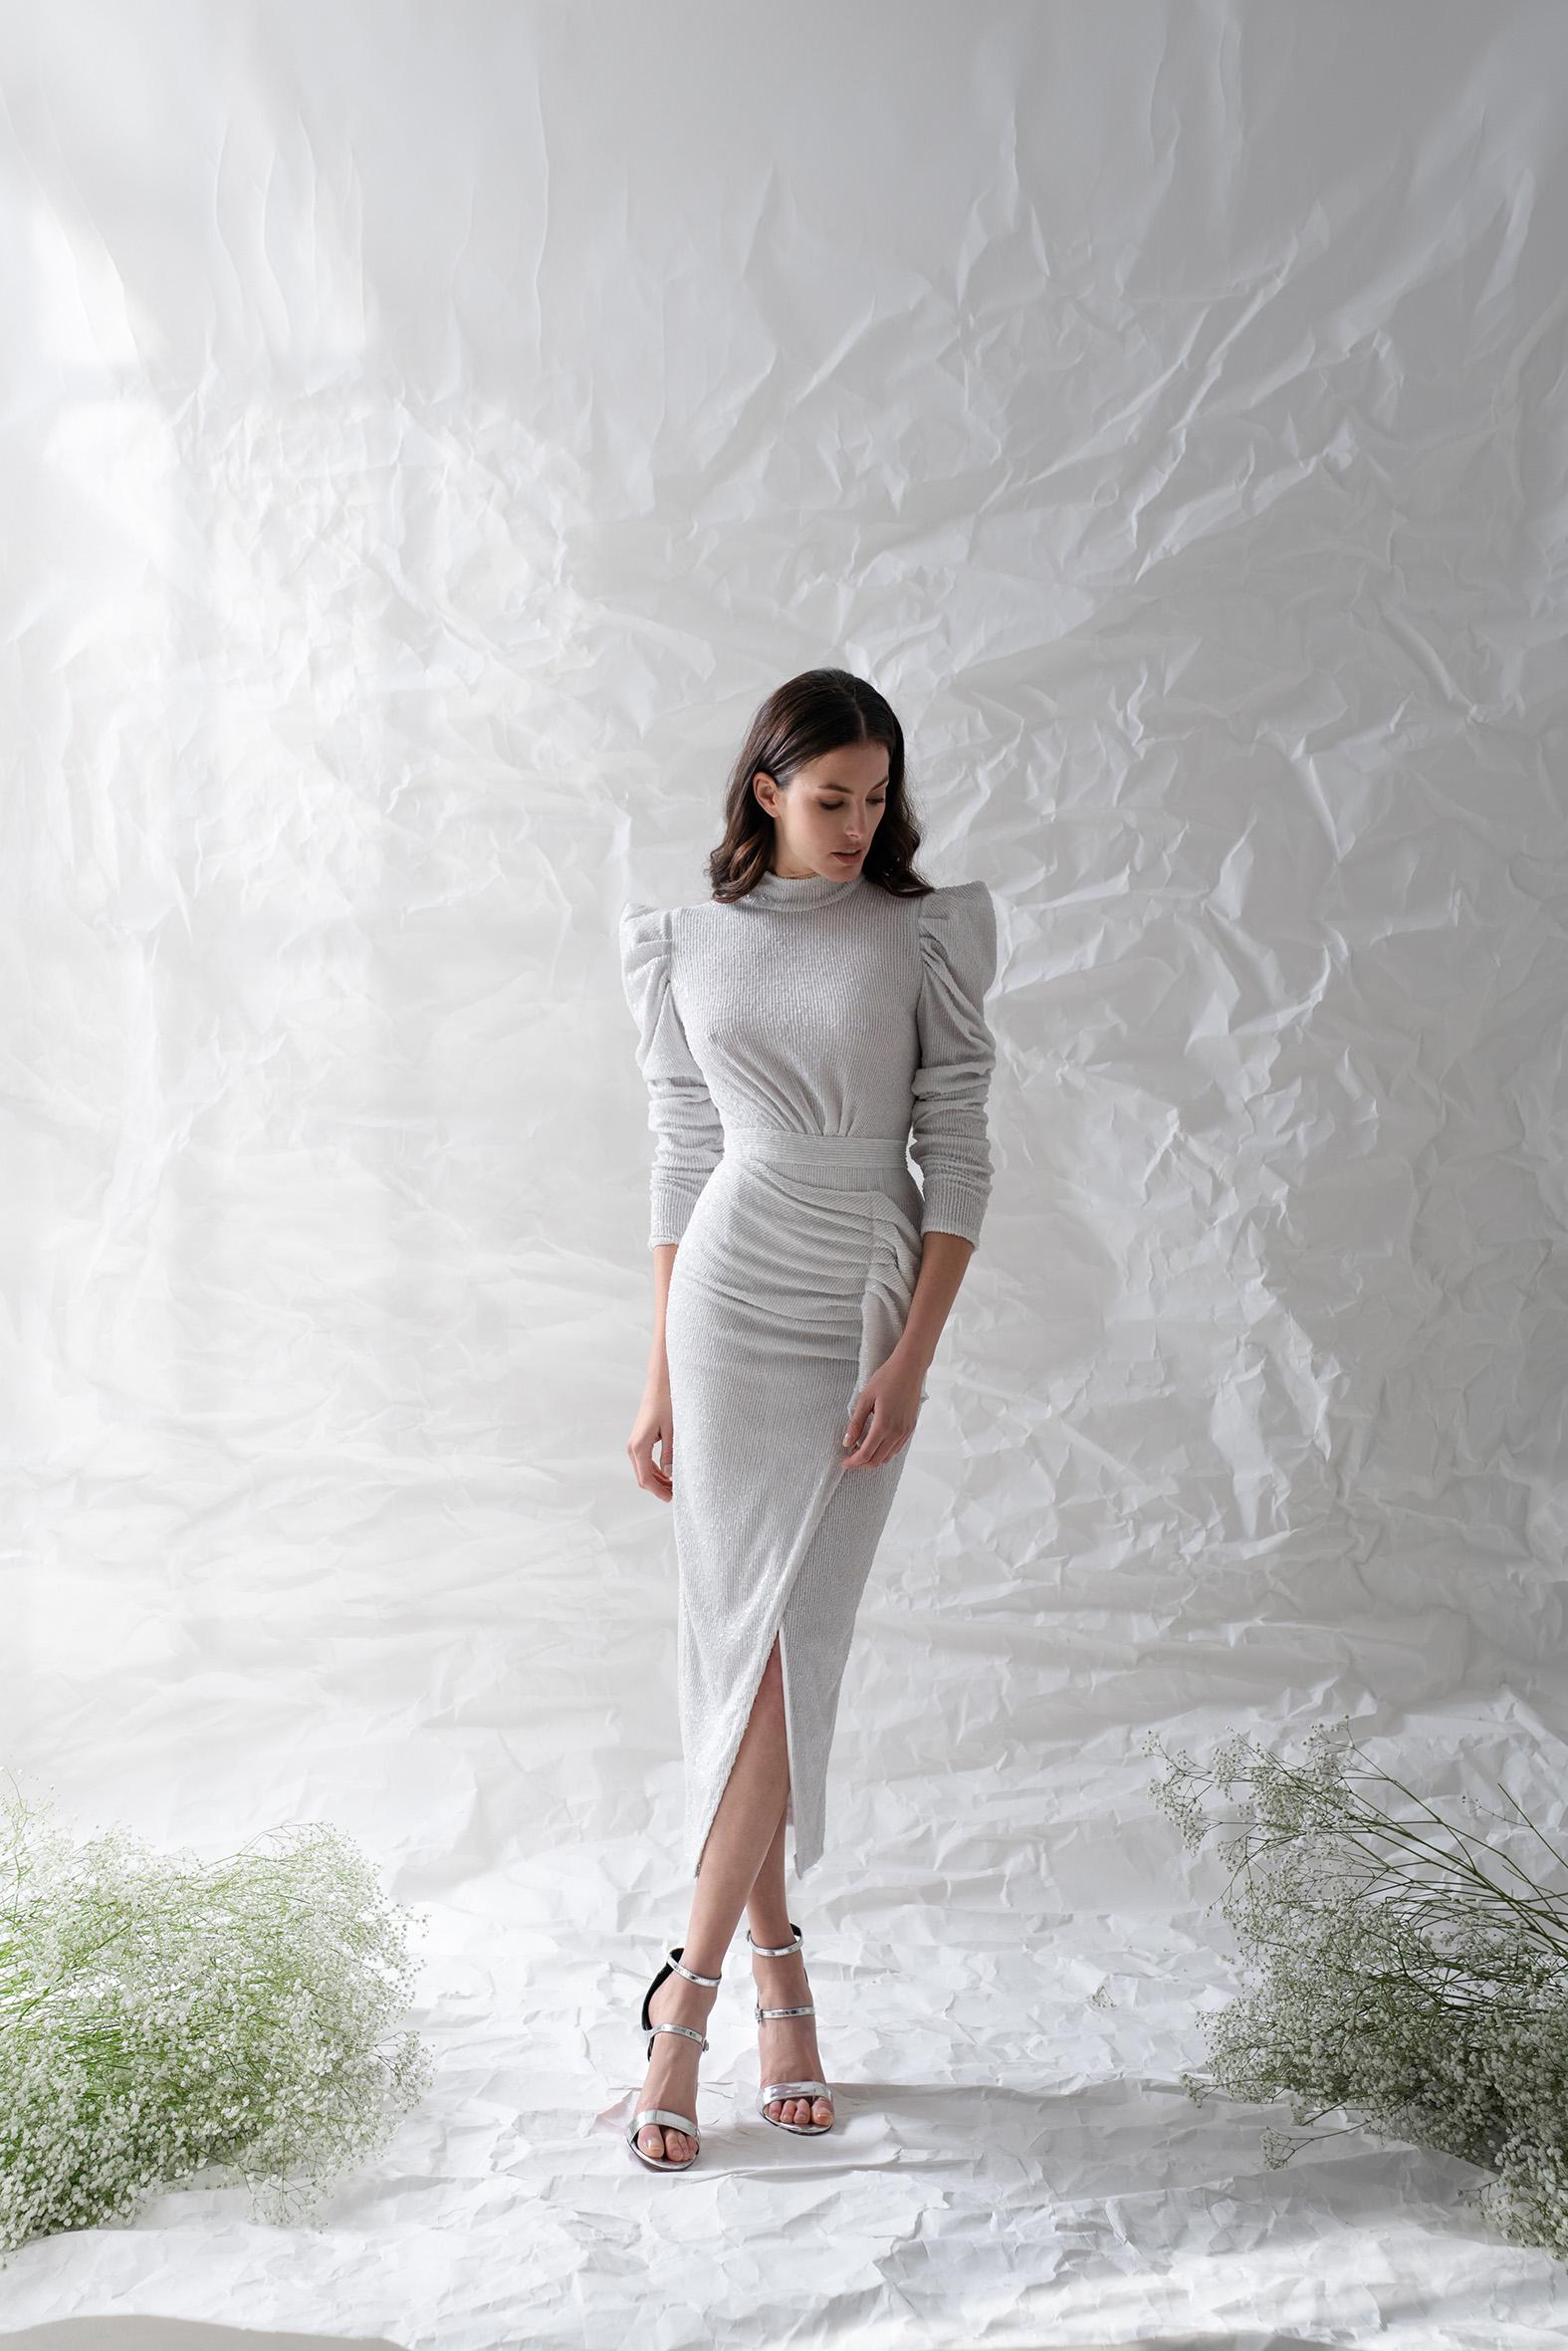 Jelena Stankovic 5